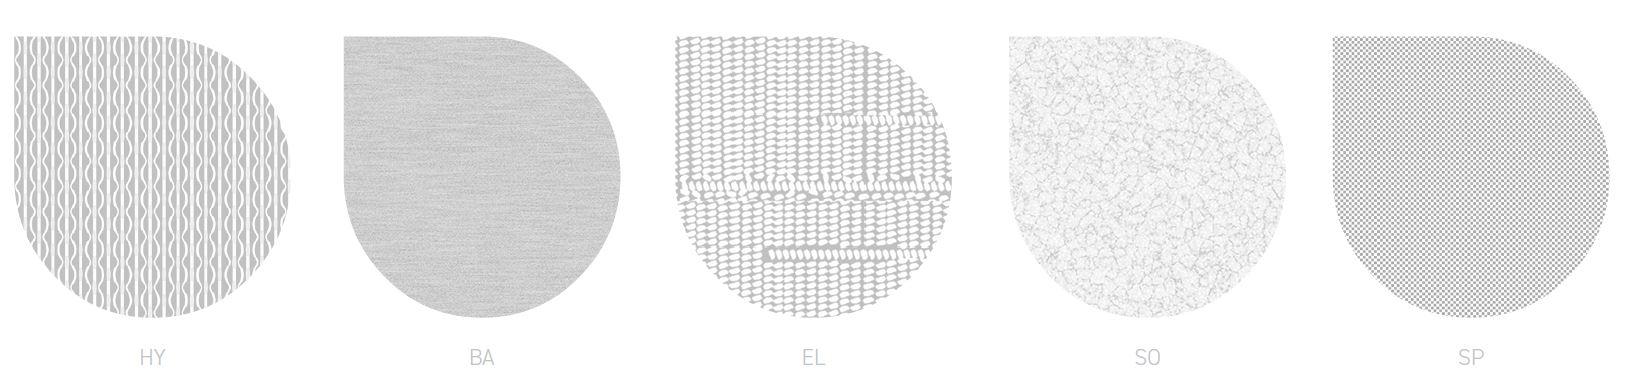 Boltaron Printed Textures